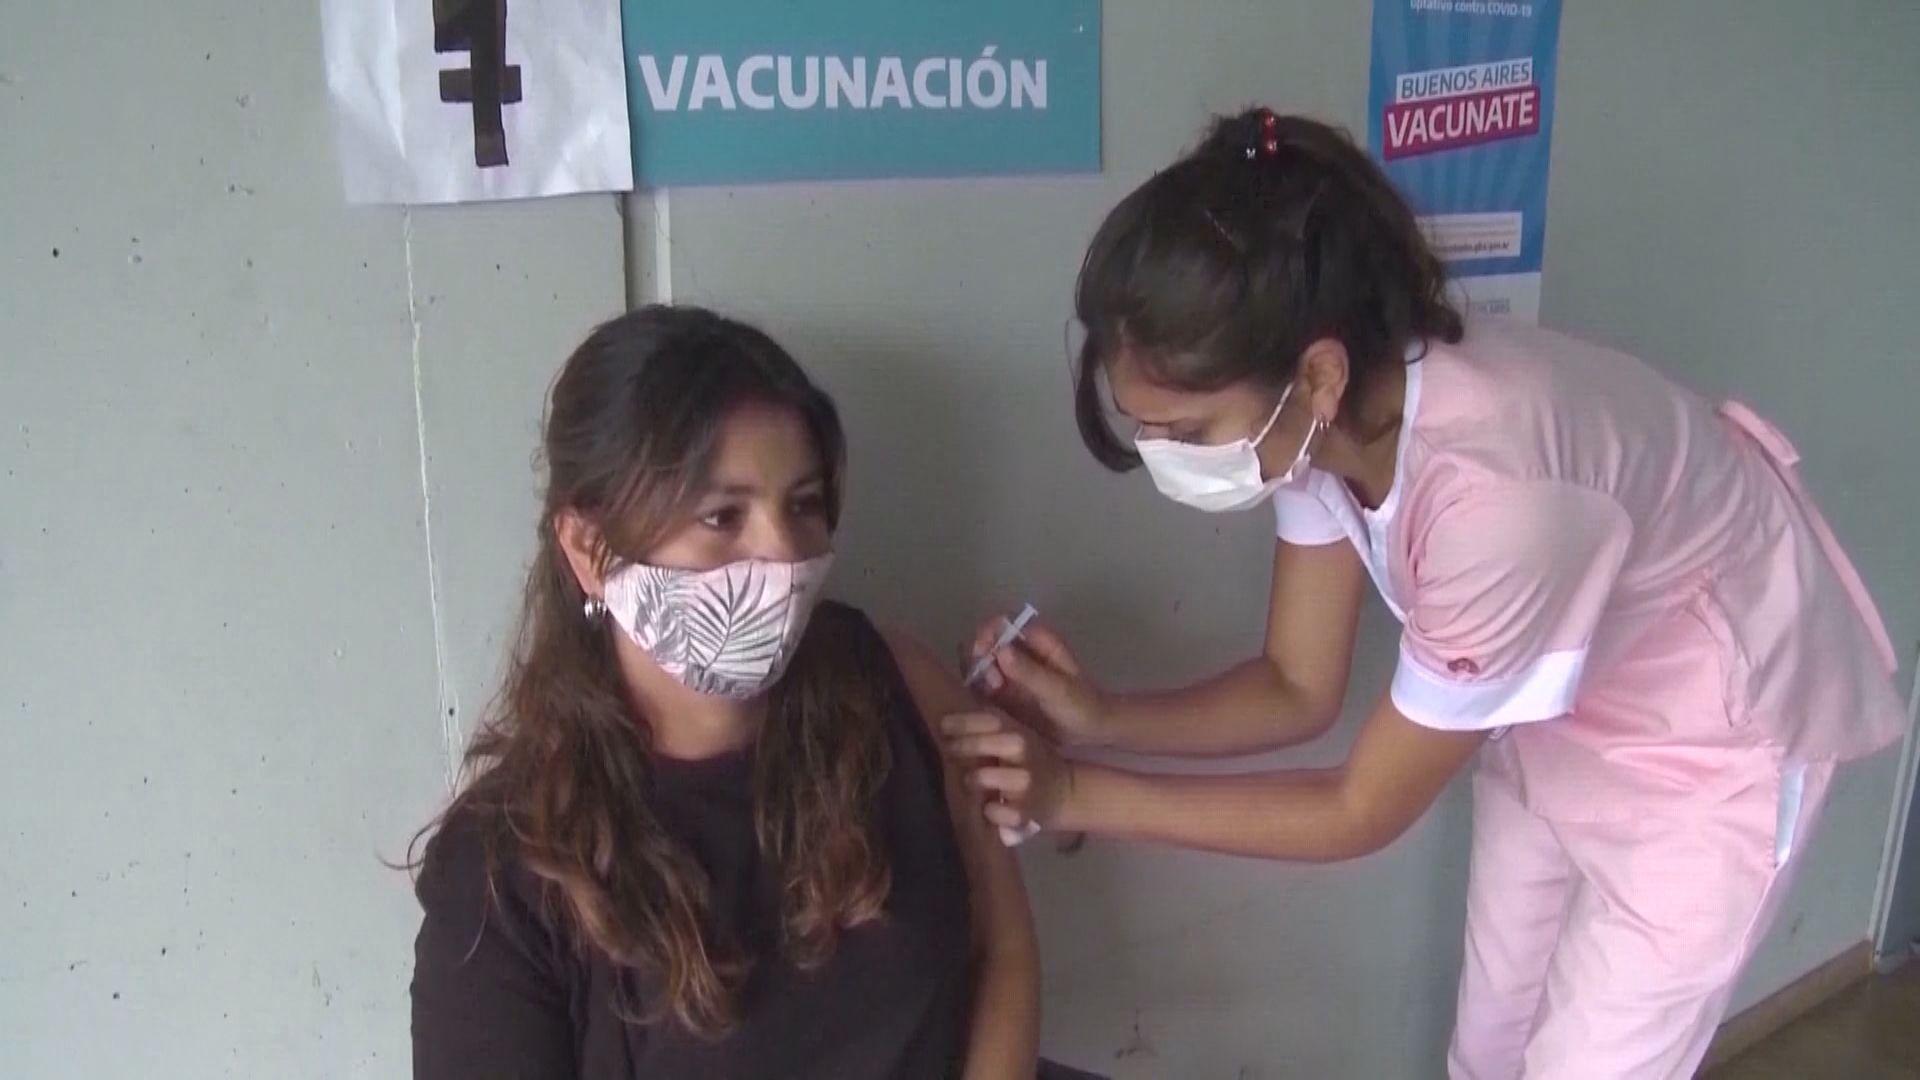 輝瑞提出接種第三劑疫苗 譚德塞:貪婪致分配不均